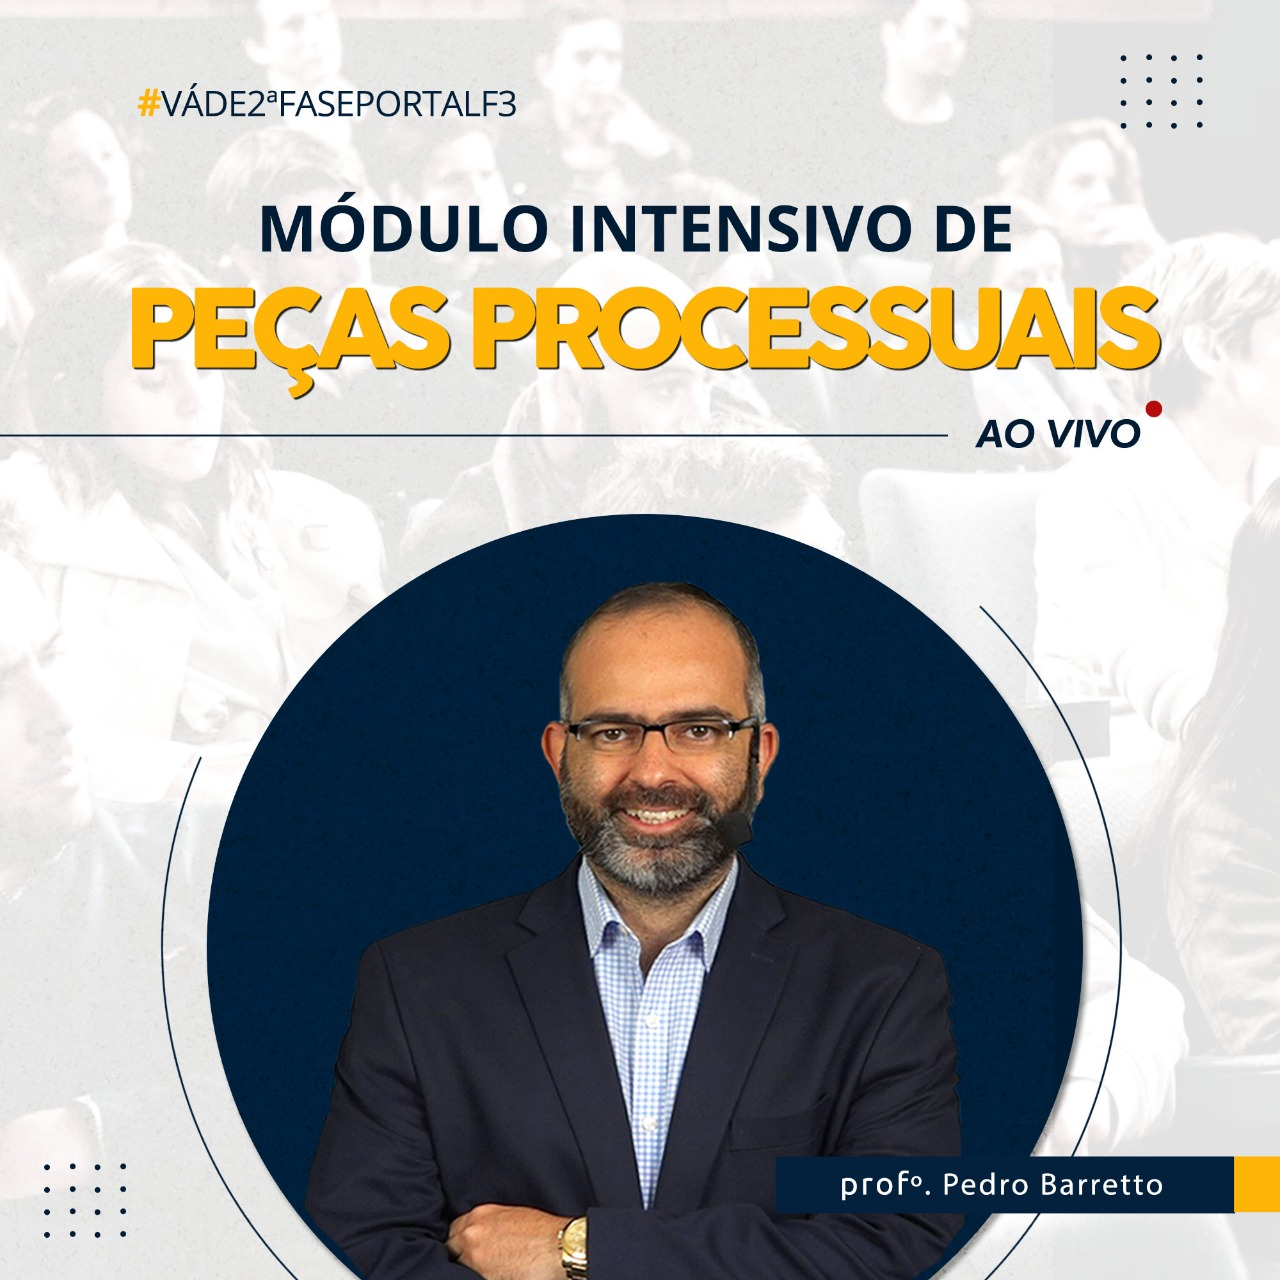 MÓDULO INTENSIVO DE PEÇAS PROCESSUAIS - 2º FASE TRIBUTÁRIO